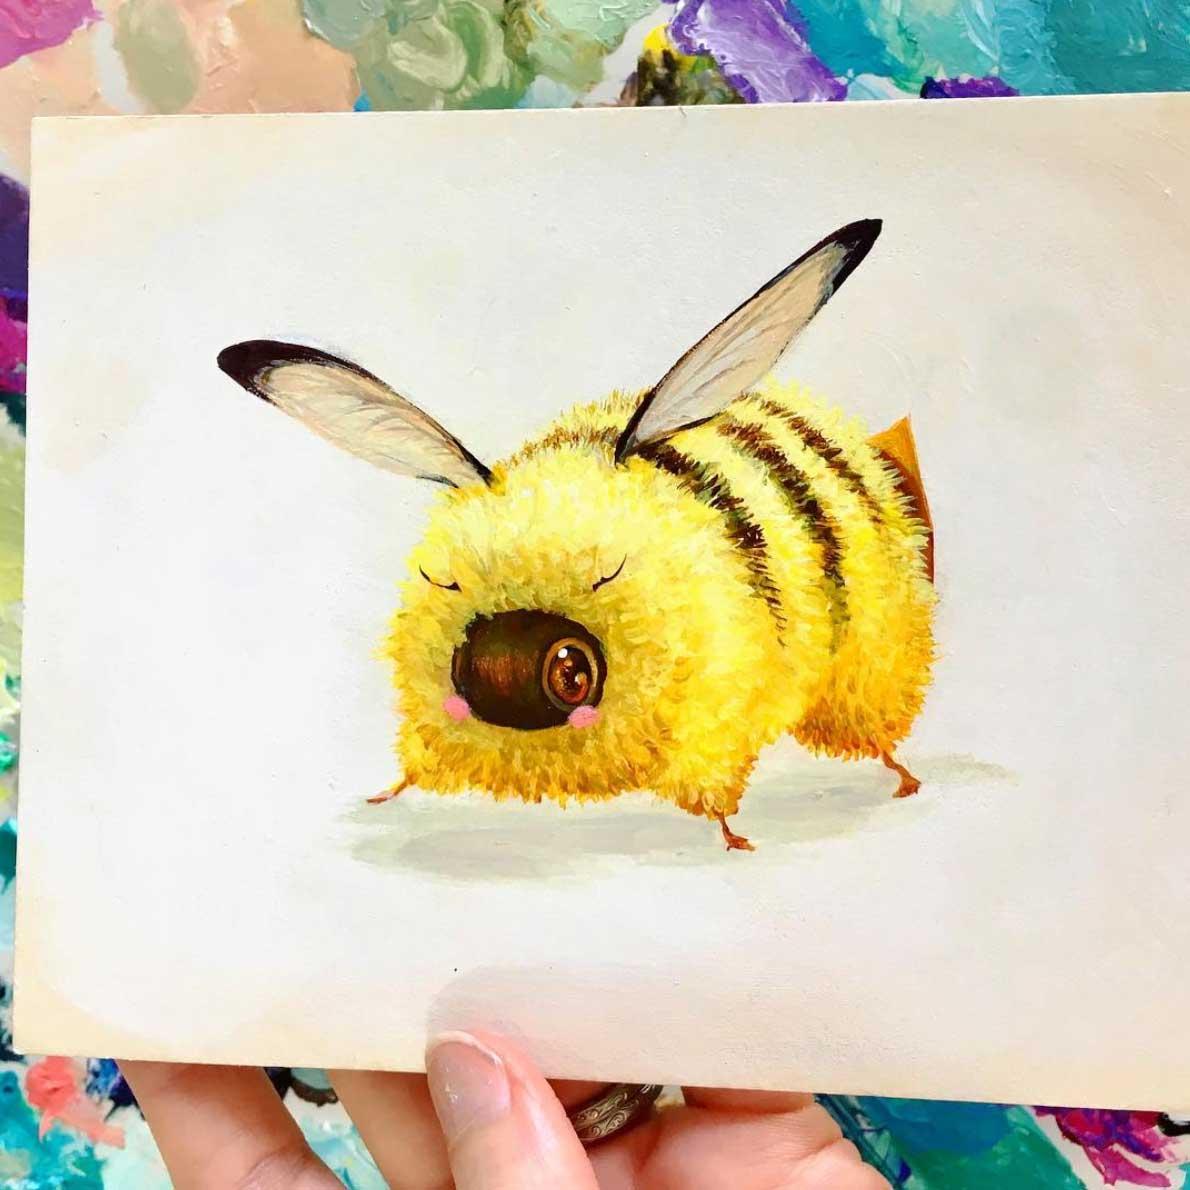 Als Bienen gemalte Popkulturfiguren popkulturbienen-von-Camilla-dErrico_02